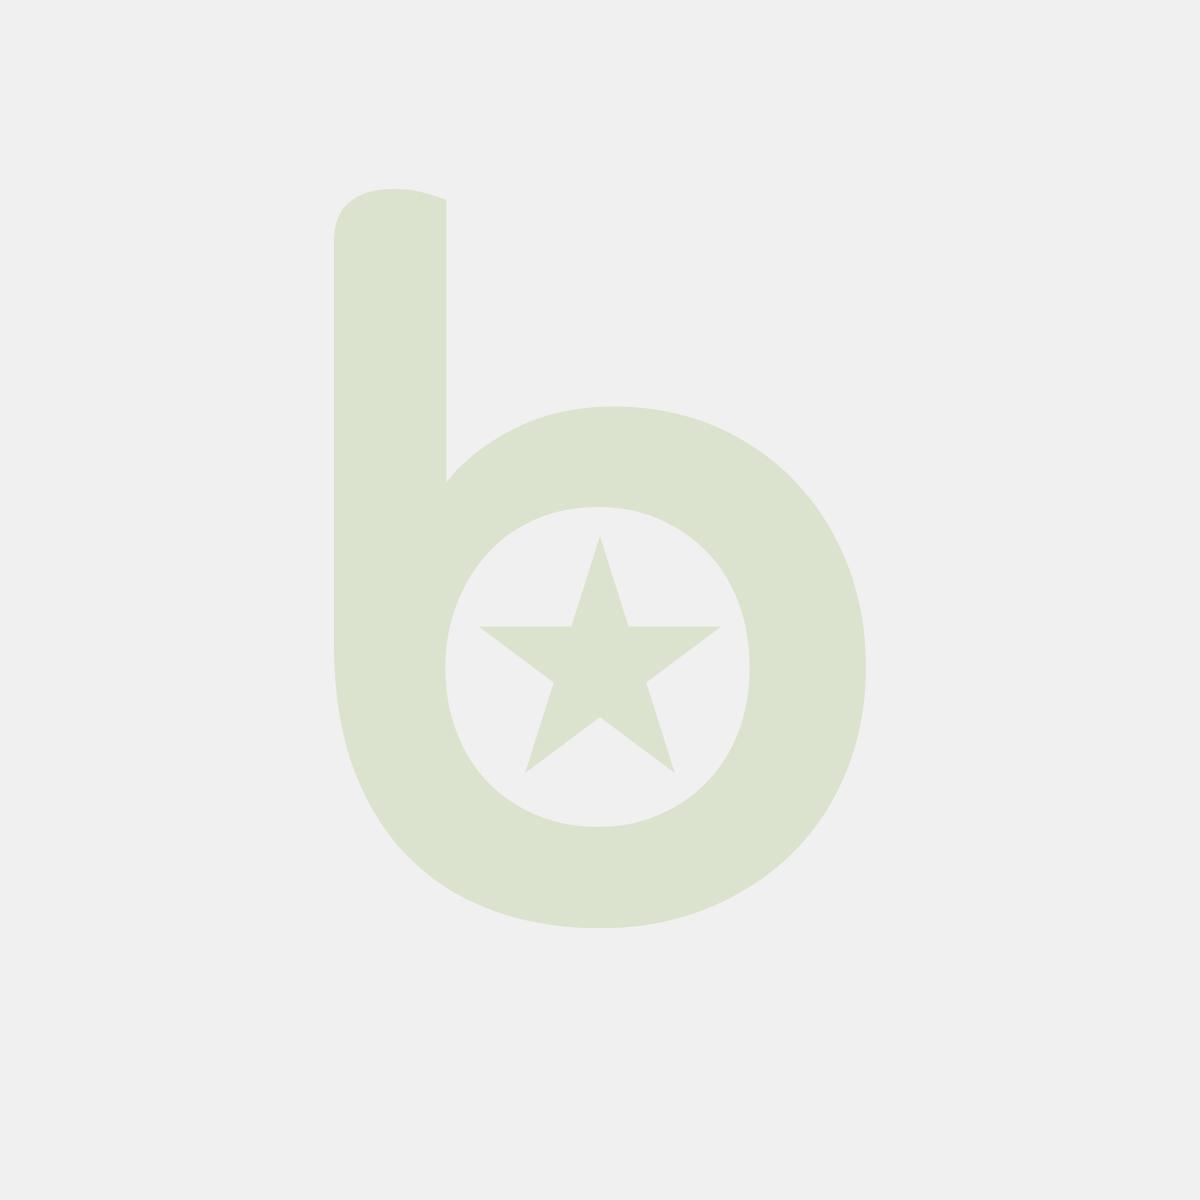 FINGERFOOD - garnek miedź/czerń 45ml owalny, 8,2x4,5x2,6cm, PS op. 24 sztuki